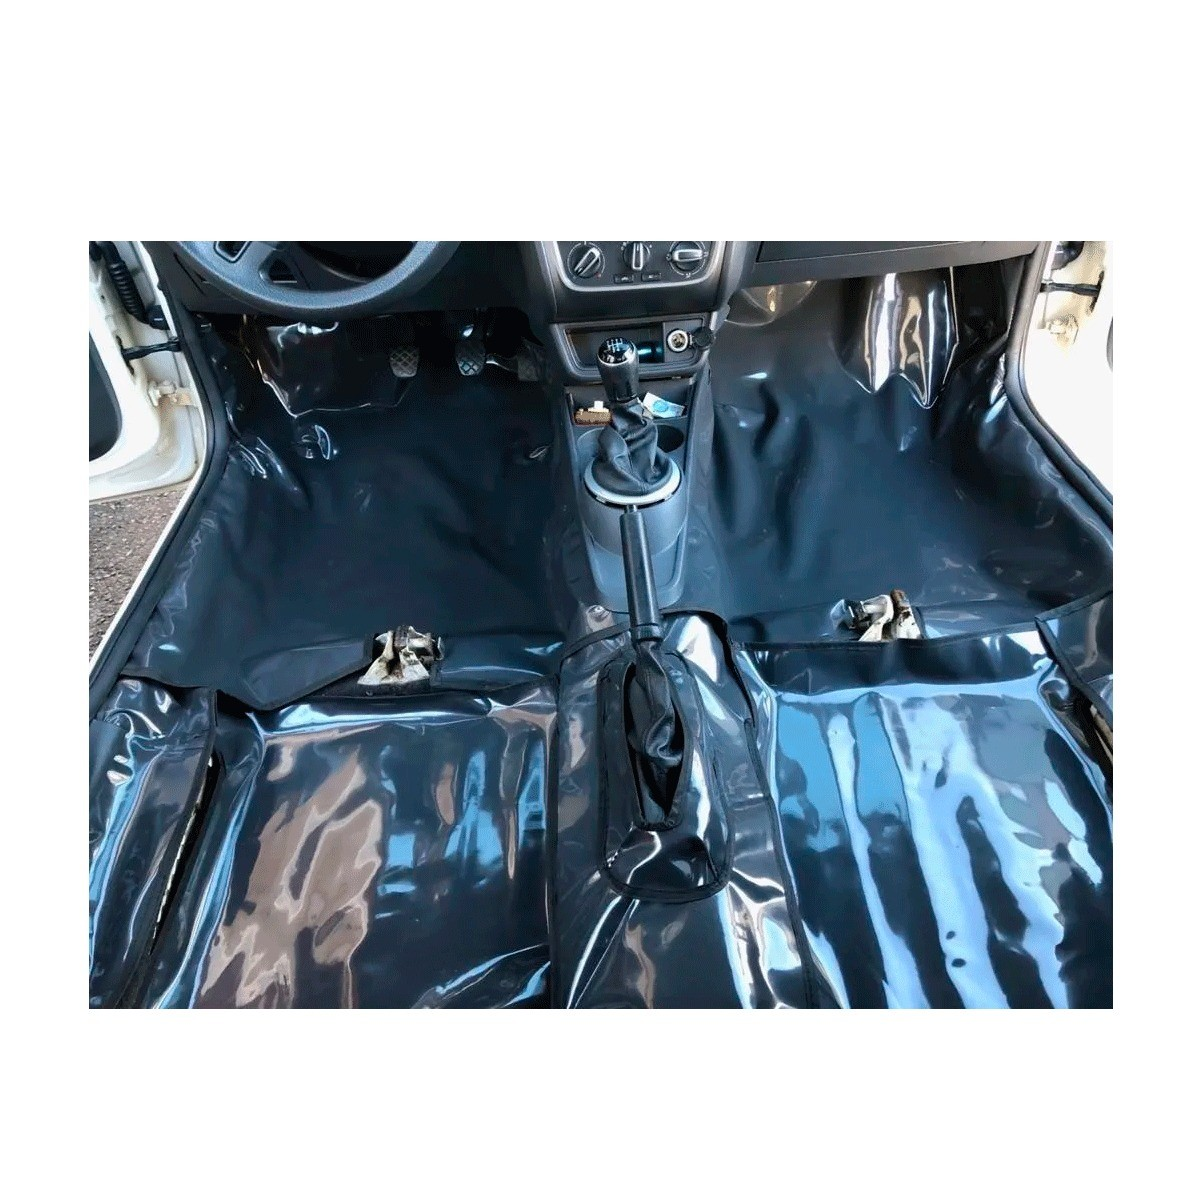 Tapete Proteção Assoalho do Renault Duster 2015 a 2020 em Vinil Verniz Impermeável